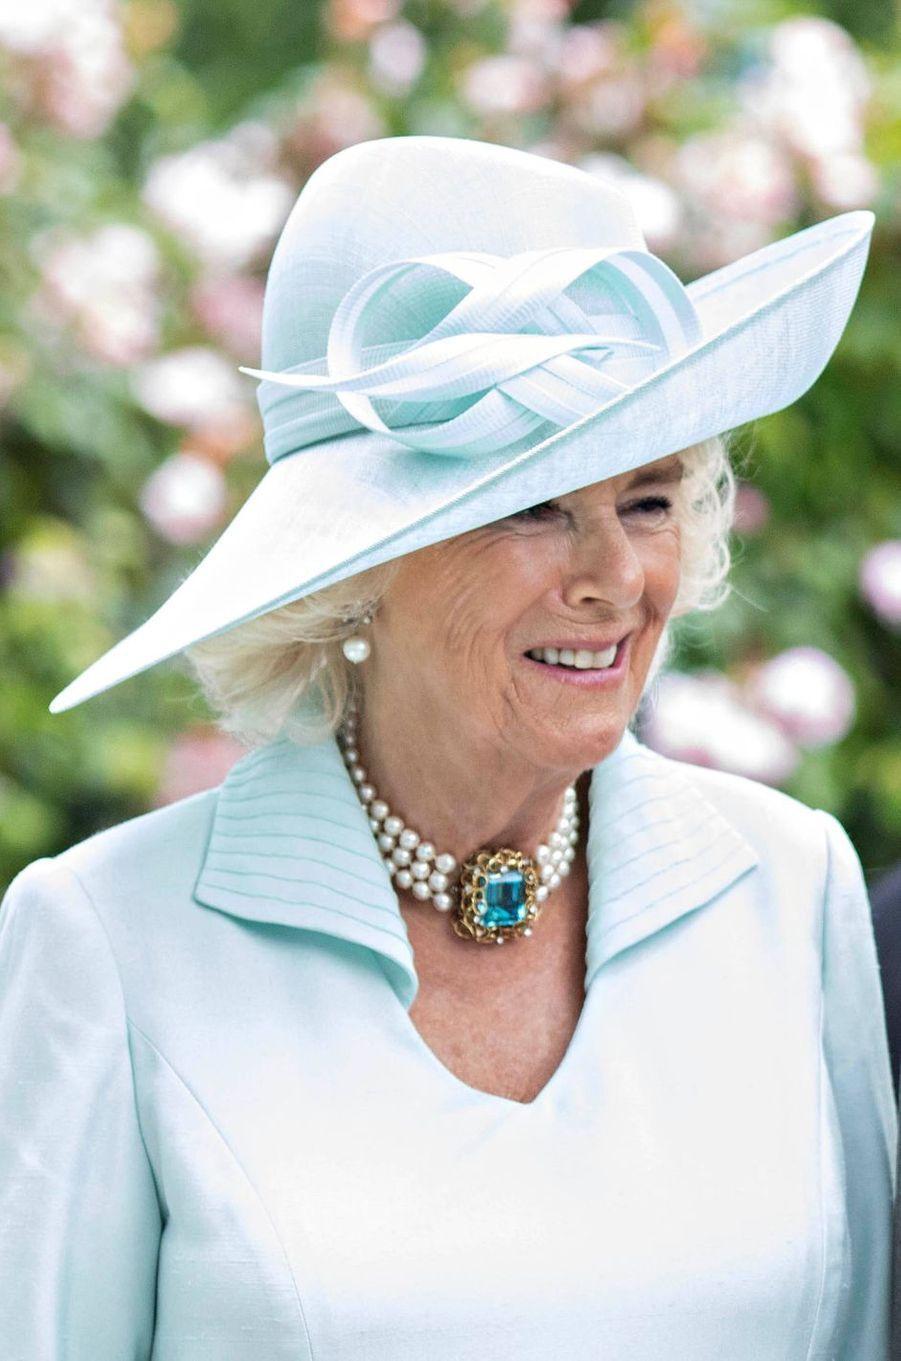 Le chapeau de la duchesse de Cornouailles Camilla au Royal Ascot, le 19 juin 2019